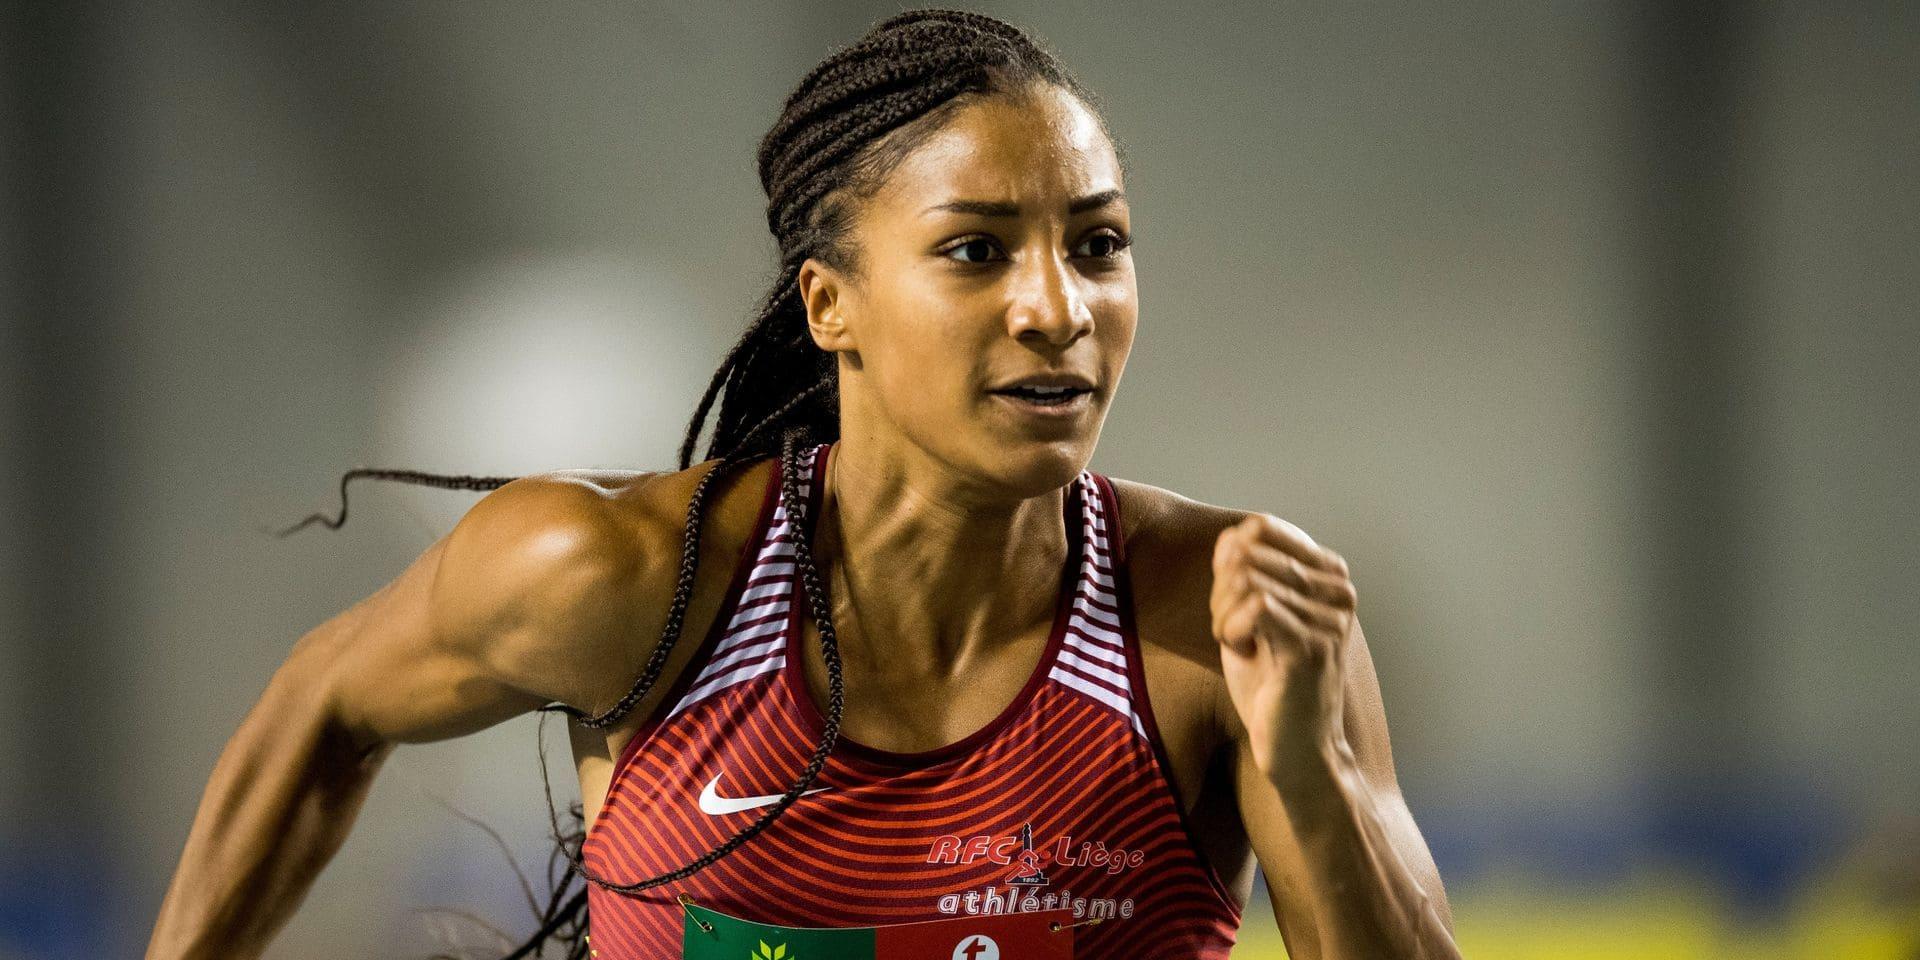 Nafi Thiam ne disputera pas d'heptathlon cette année après le report des Jeux